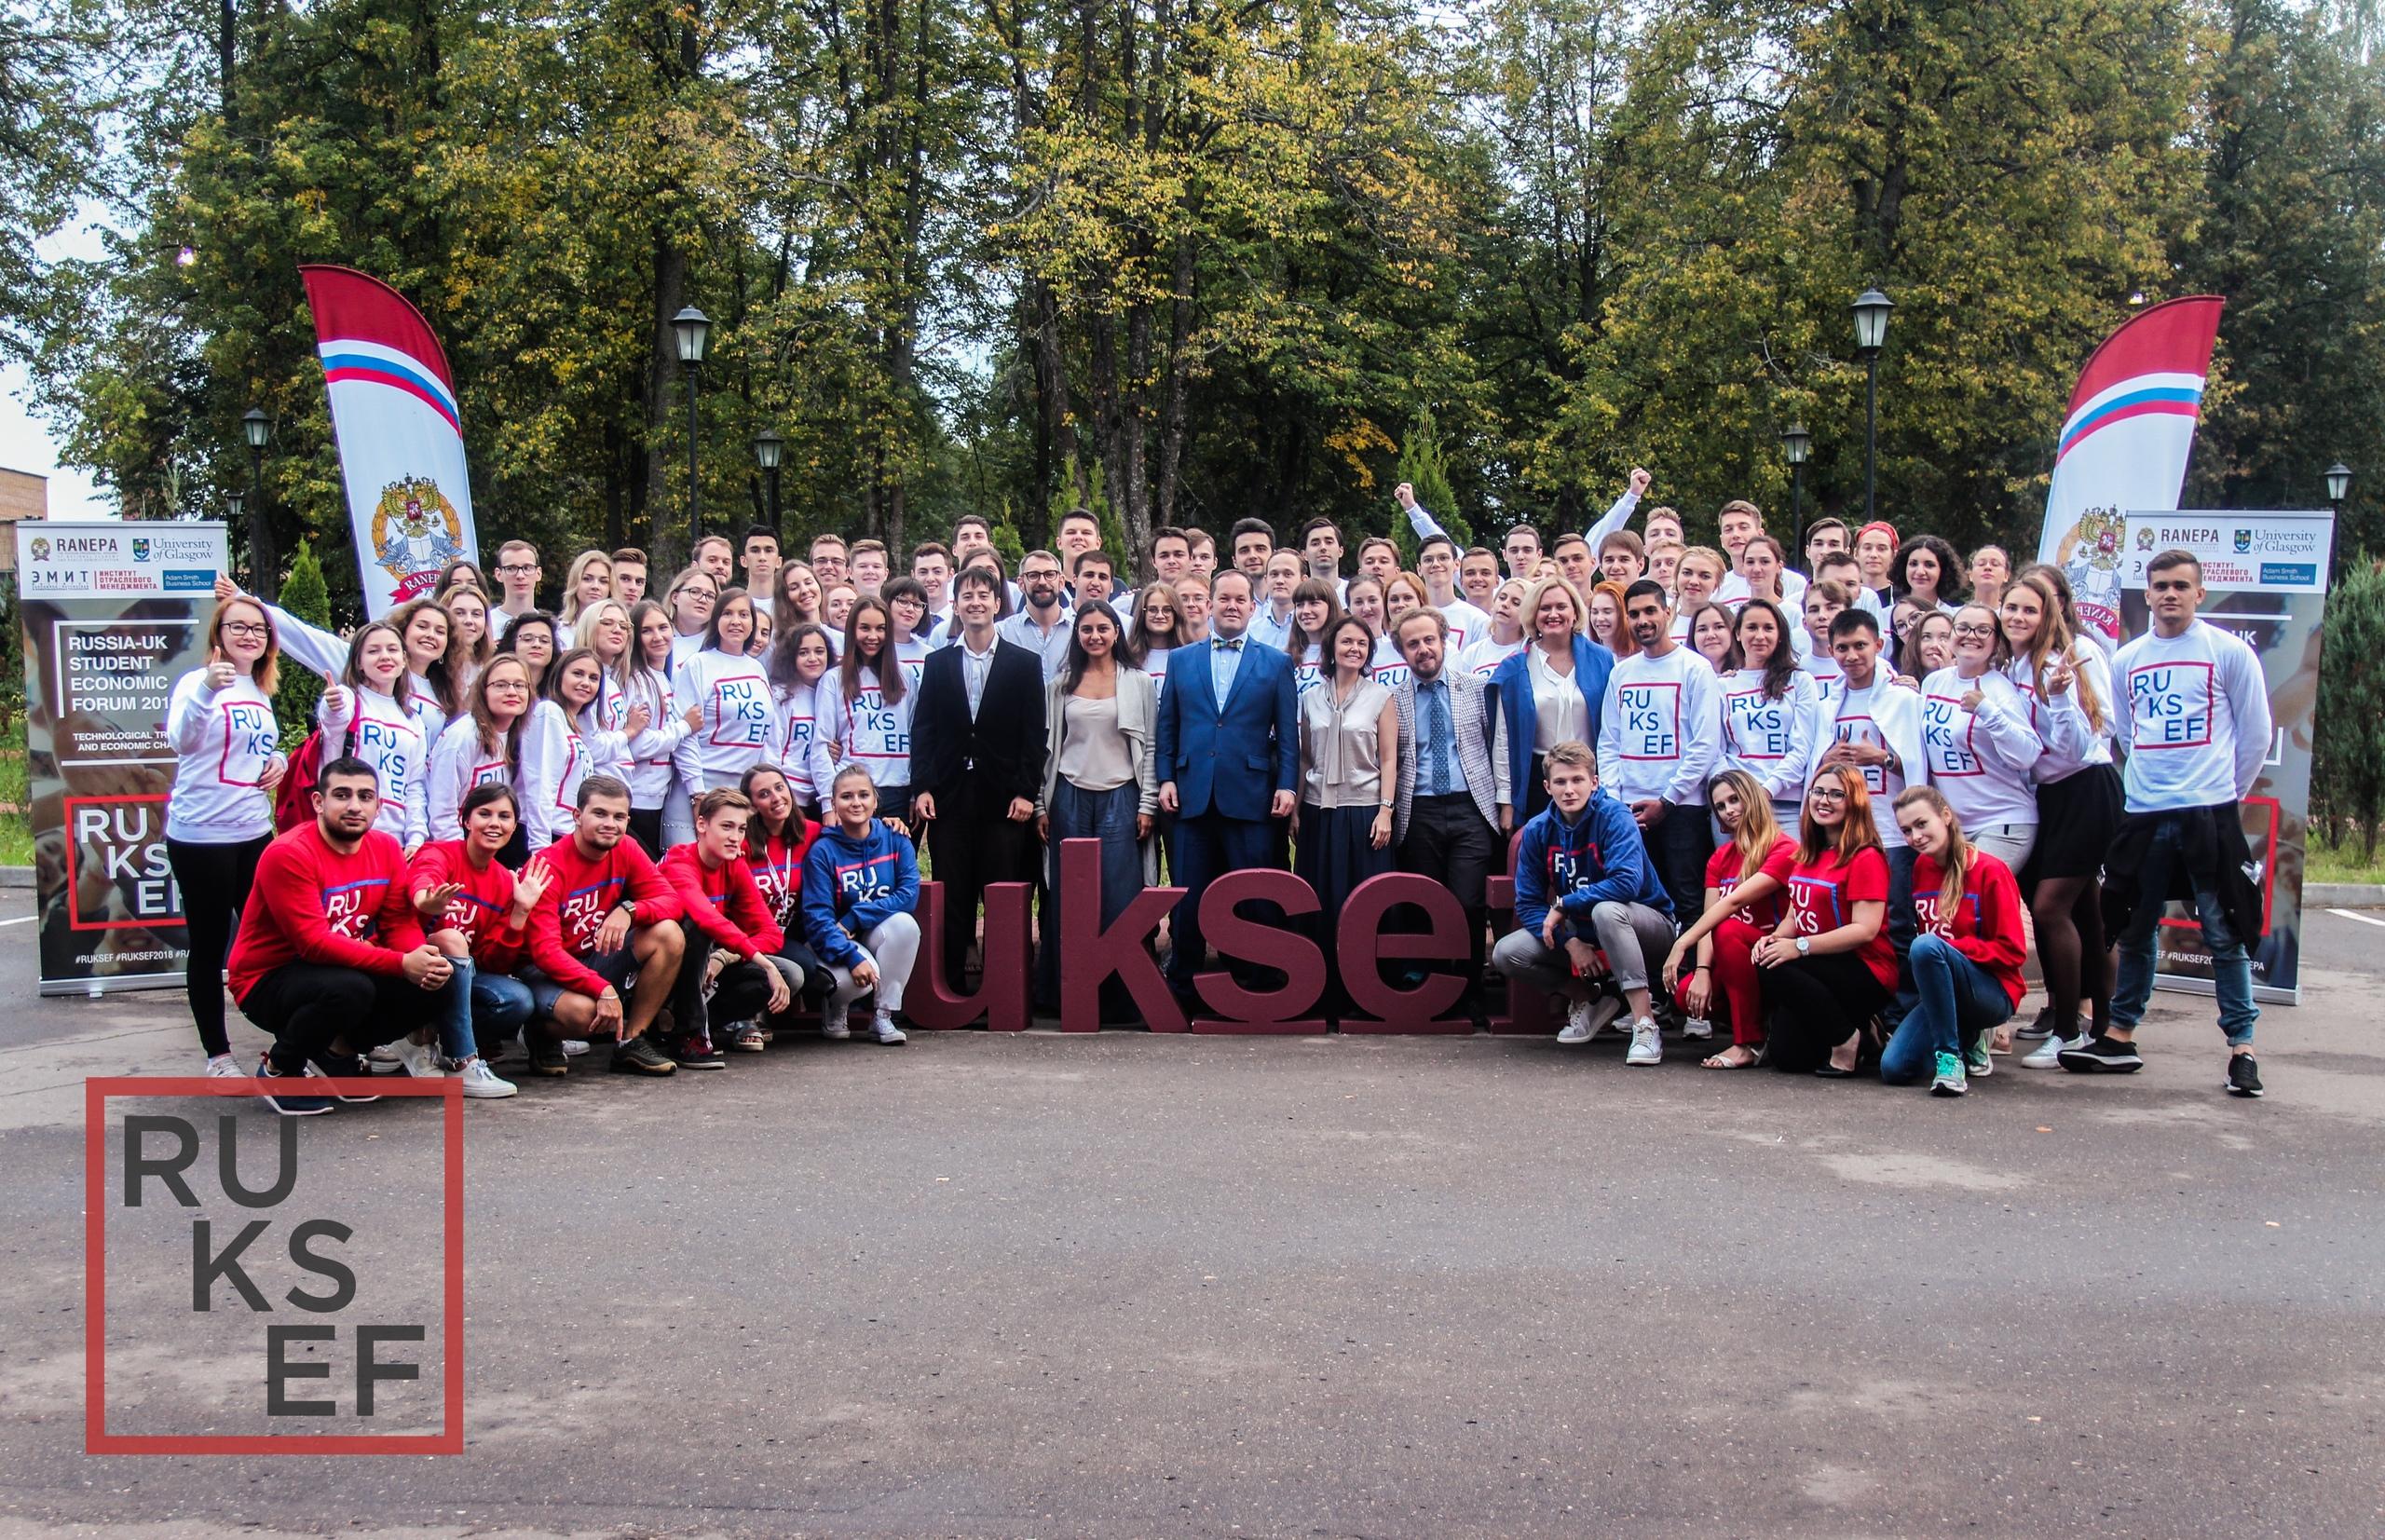 С 29 августа по 4 сентября на территории ЗУОК «Солнечный» – филиала Президентской академии прошел Российско-британский студенческий форум «Технологические тренды и современная экономика»